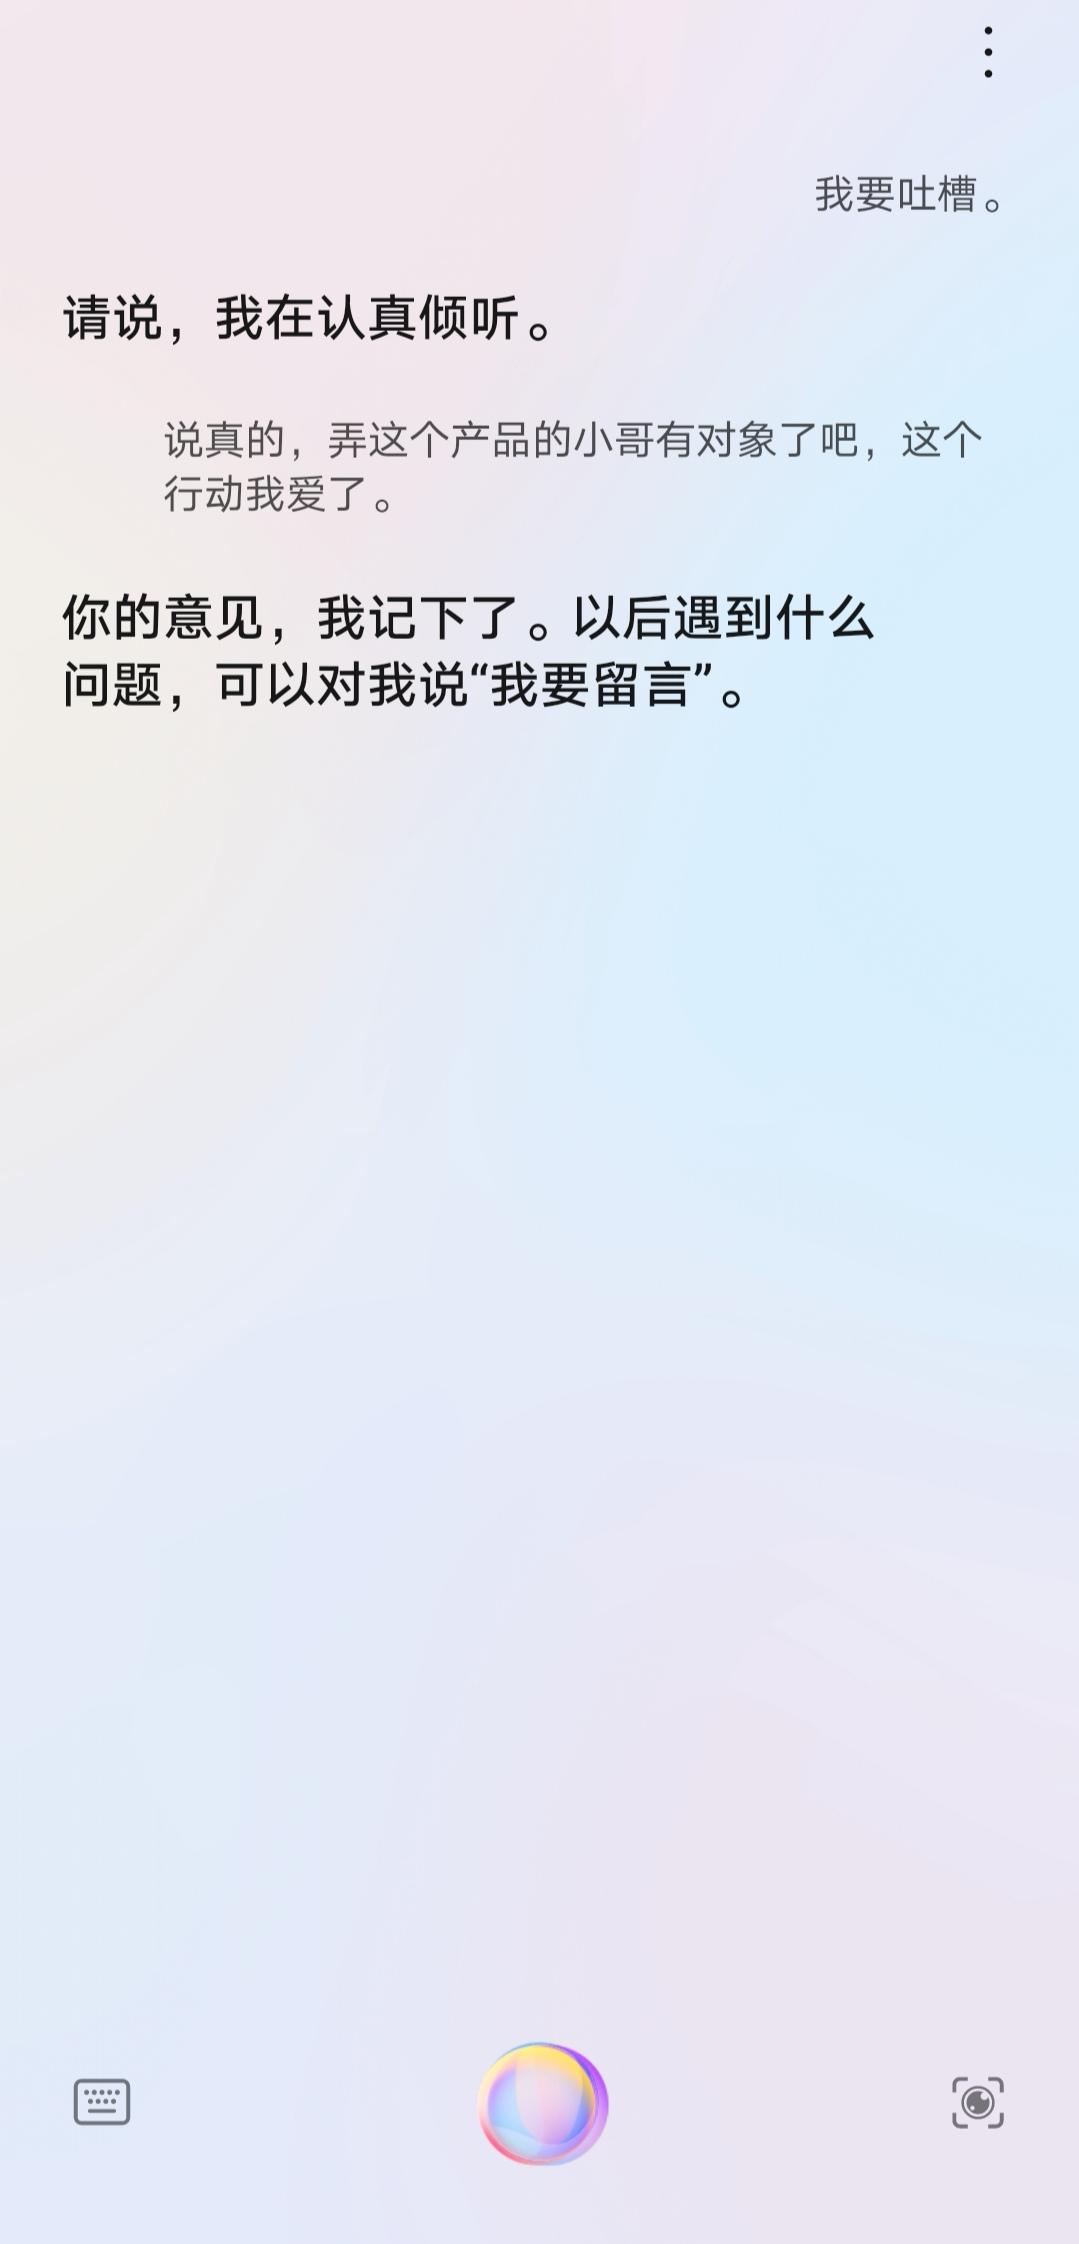 Screenshot_20200515_122745.jpg